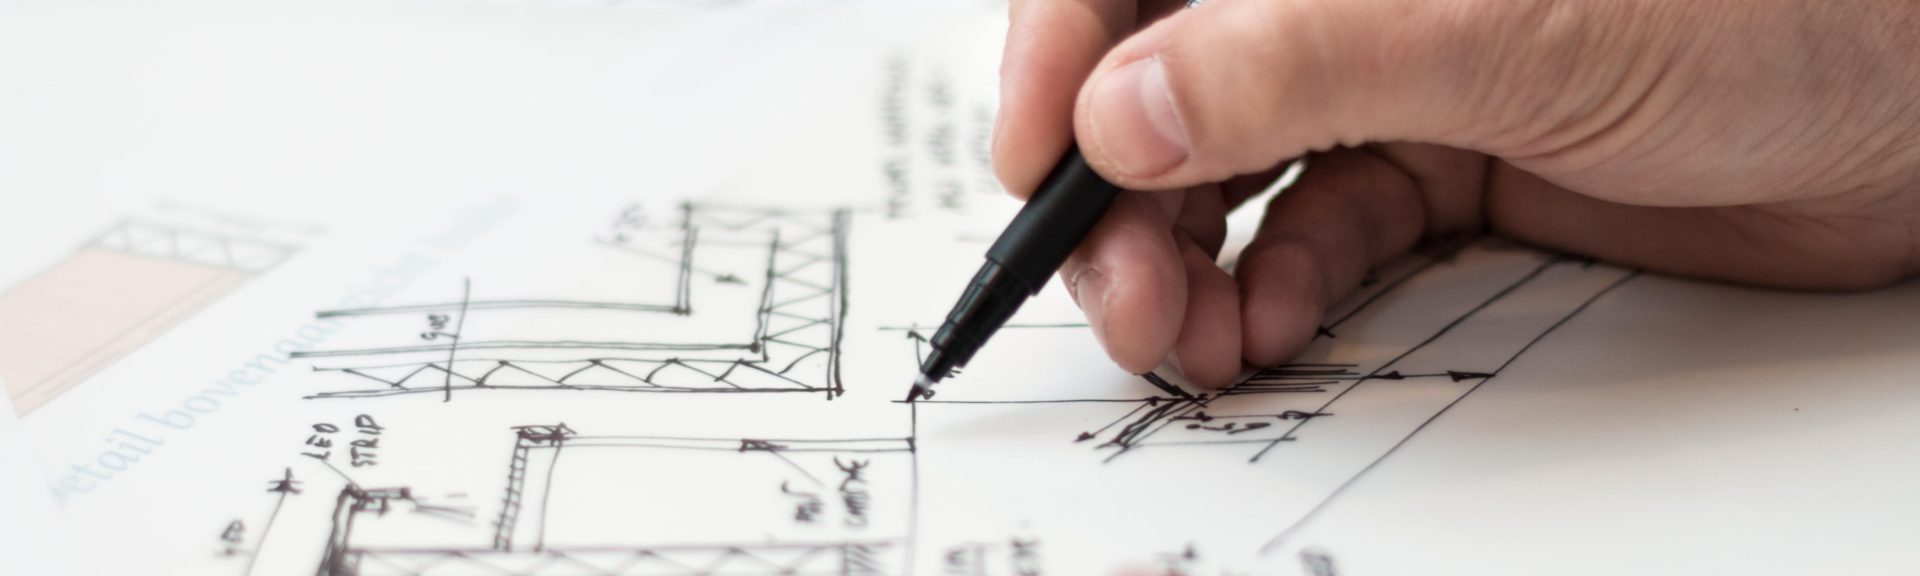 Nahaufnahme der Hände. Ein Architekt zeichnet einen Grundriss.